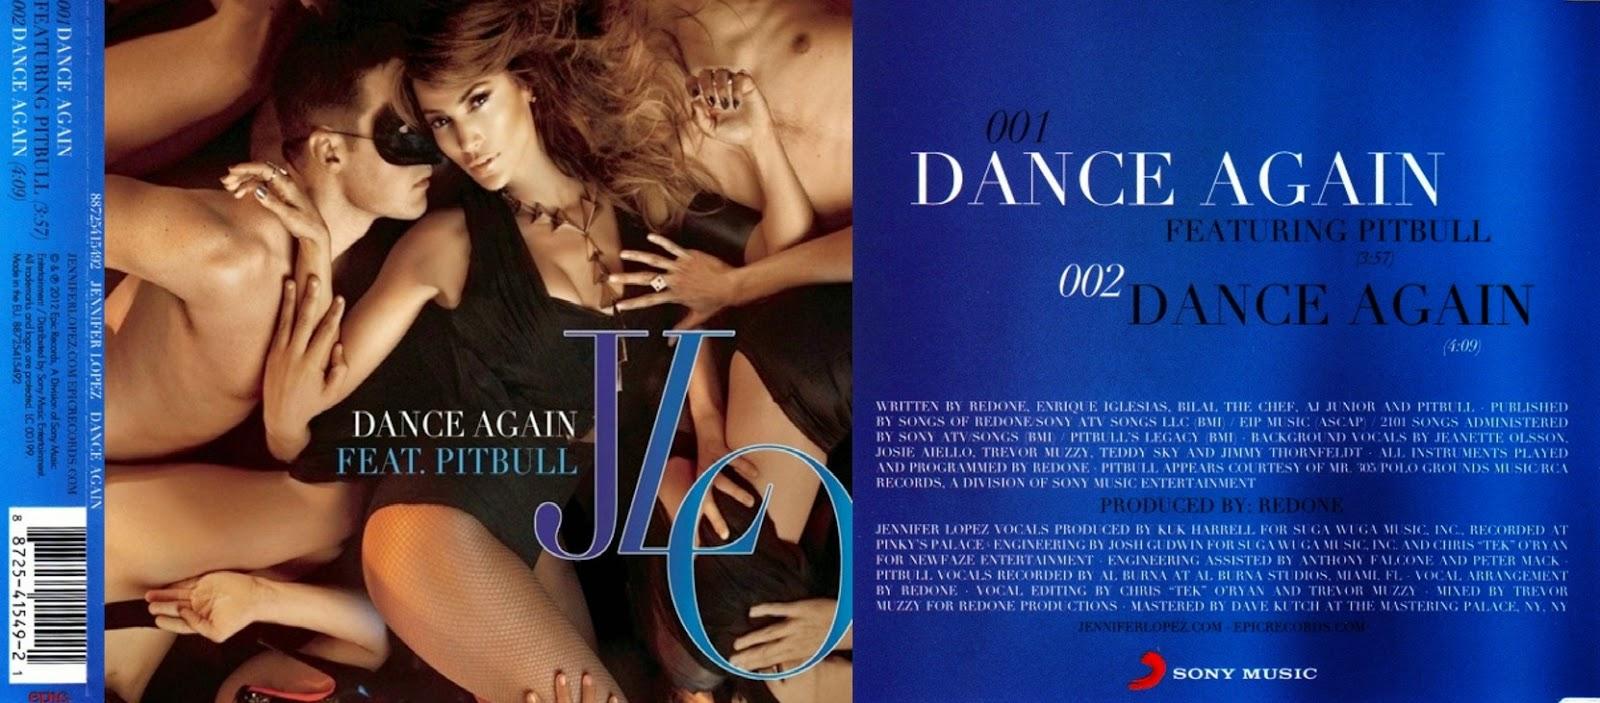 Apesar Do Single Nao Ter Superado A Popularidade Da Parceria Anterior Dance Again Conseguiu Boas Posicoes Nas Paradas Musicais Tags Booklet Jennifer Lopez